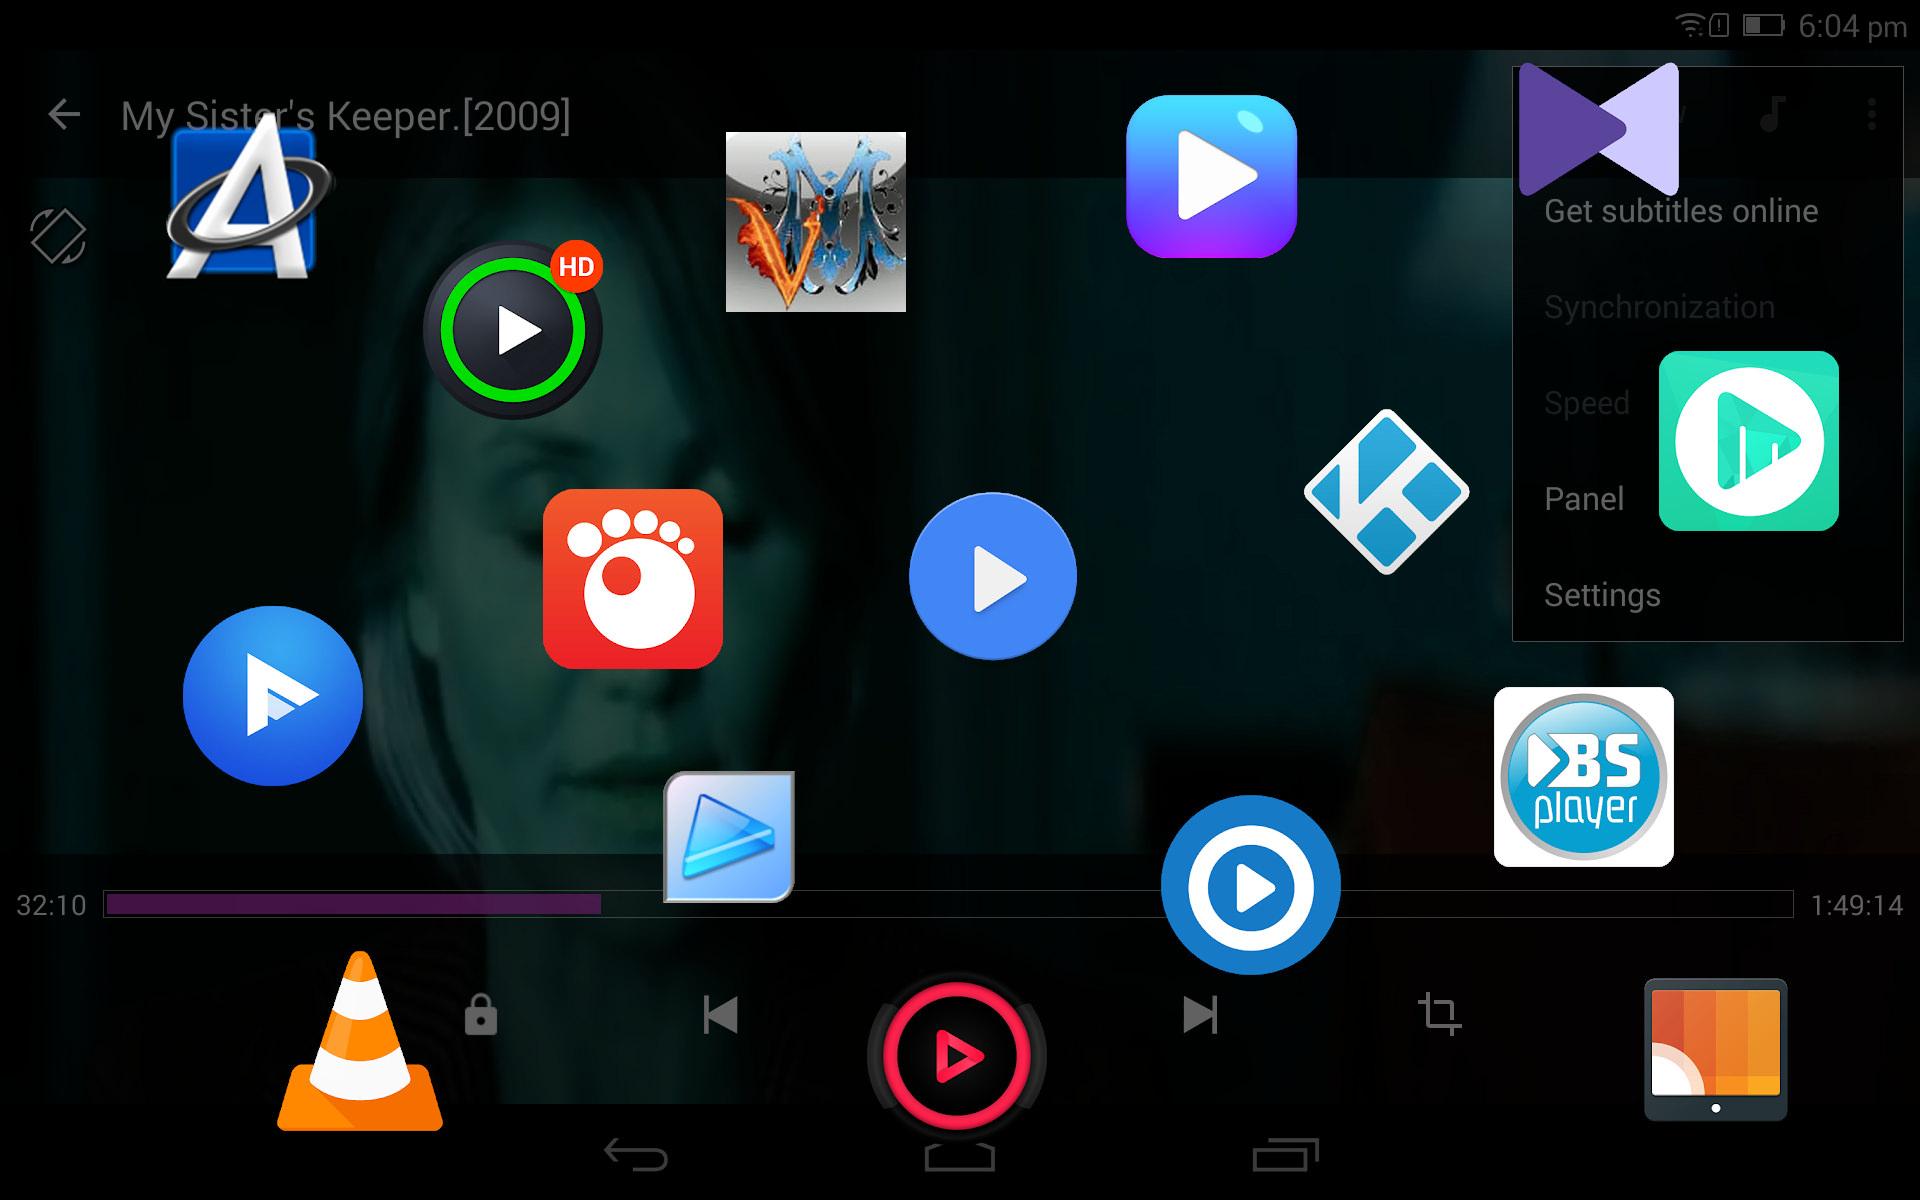 أفضل 10 مشغلات فيديو مجانية لأجهزة الكمبيوتر التي تعمل بنظام Windows 10